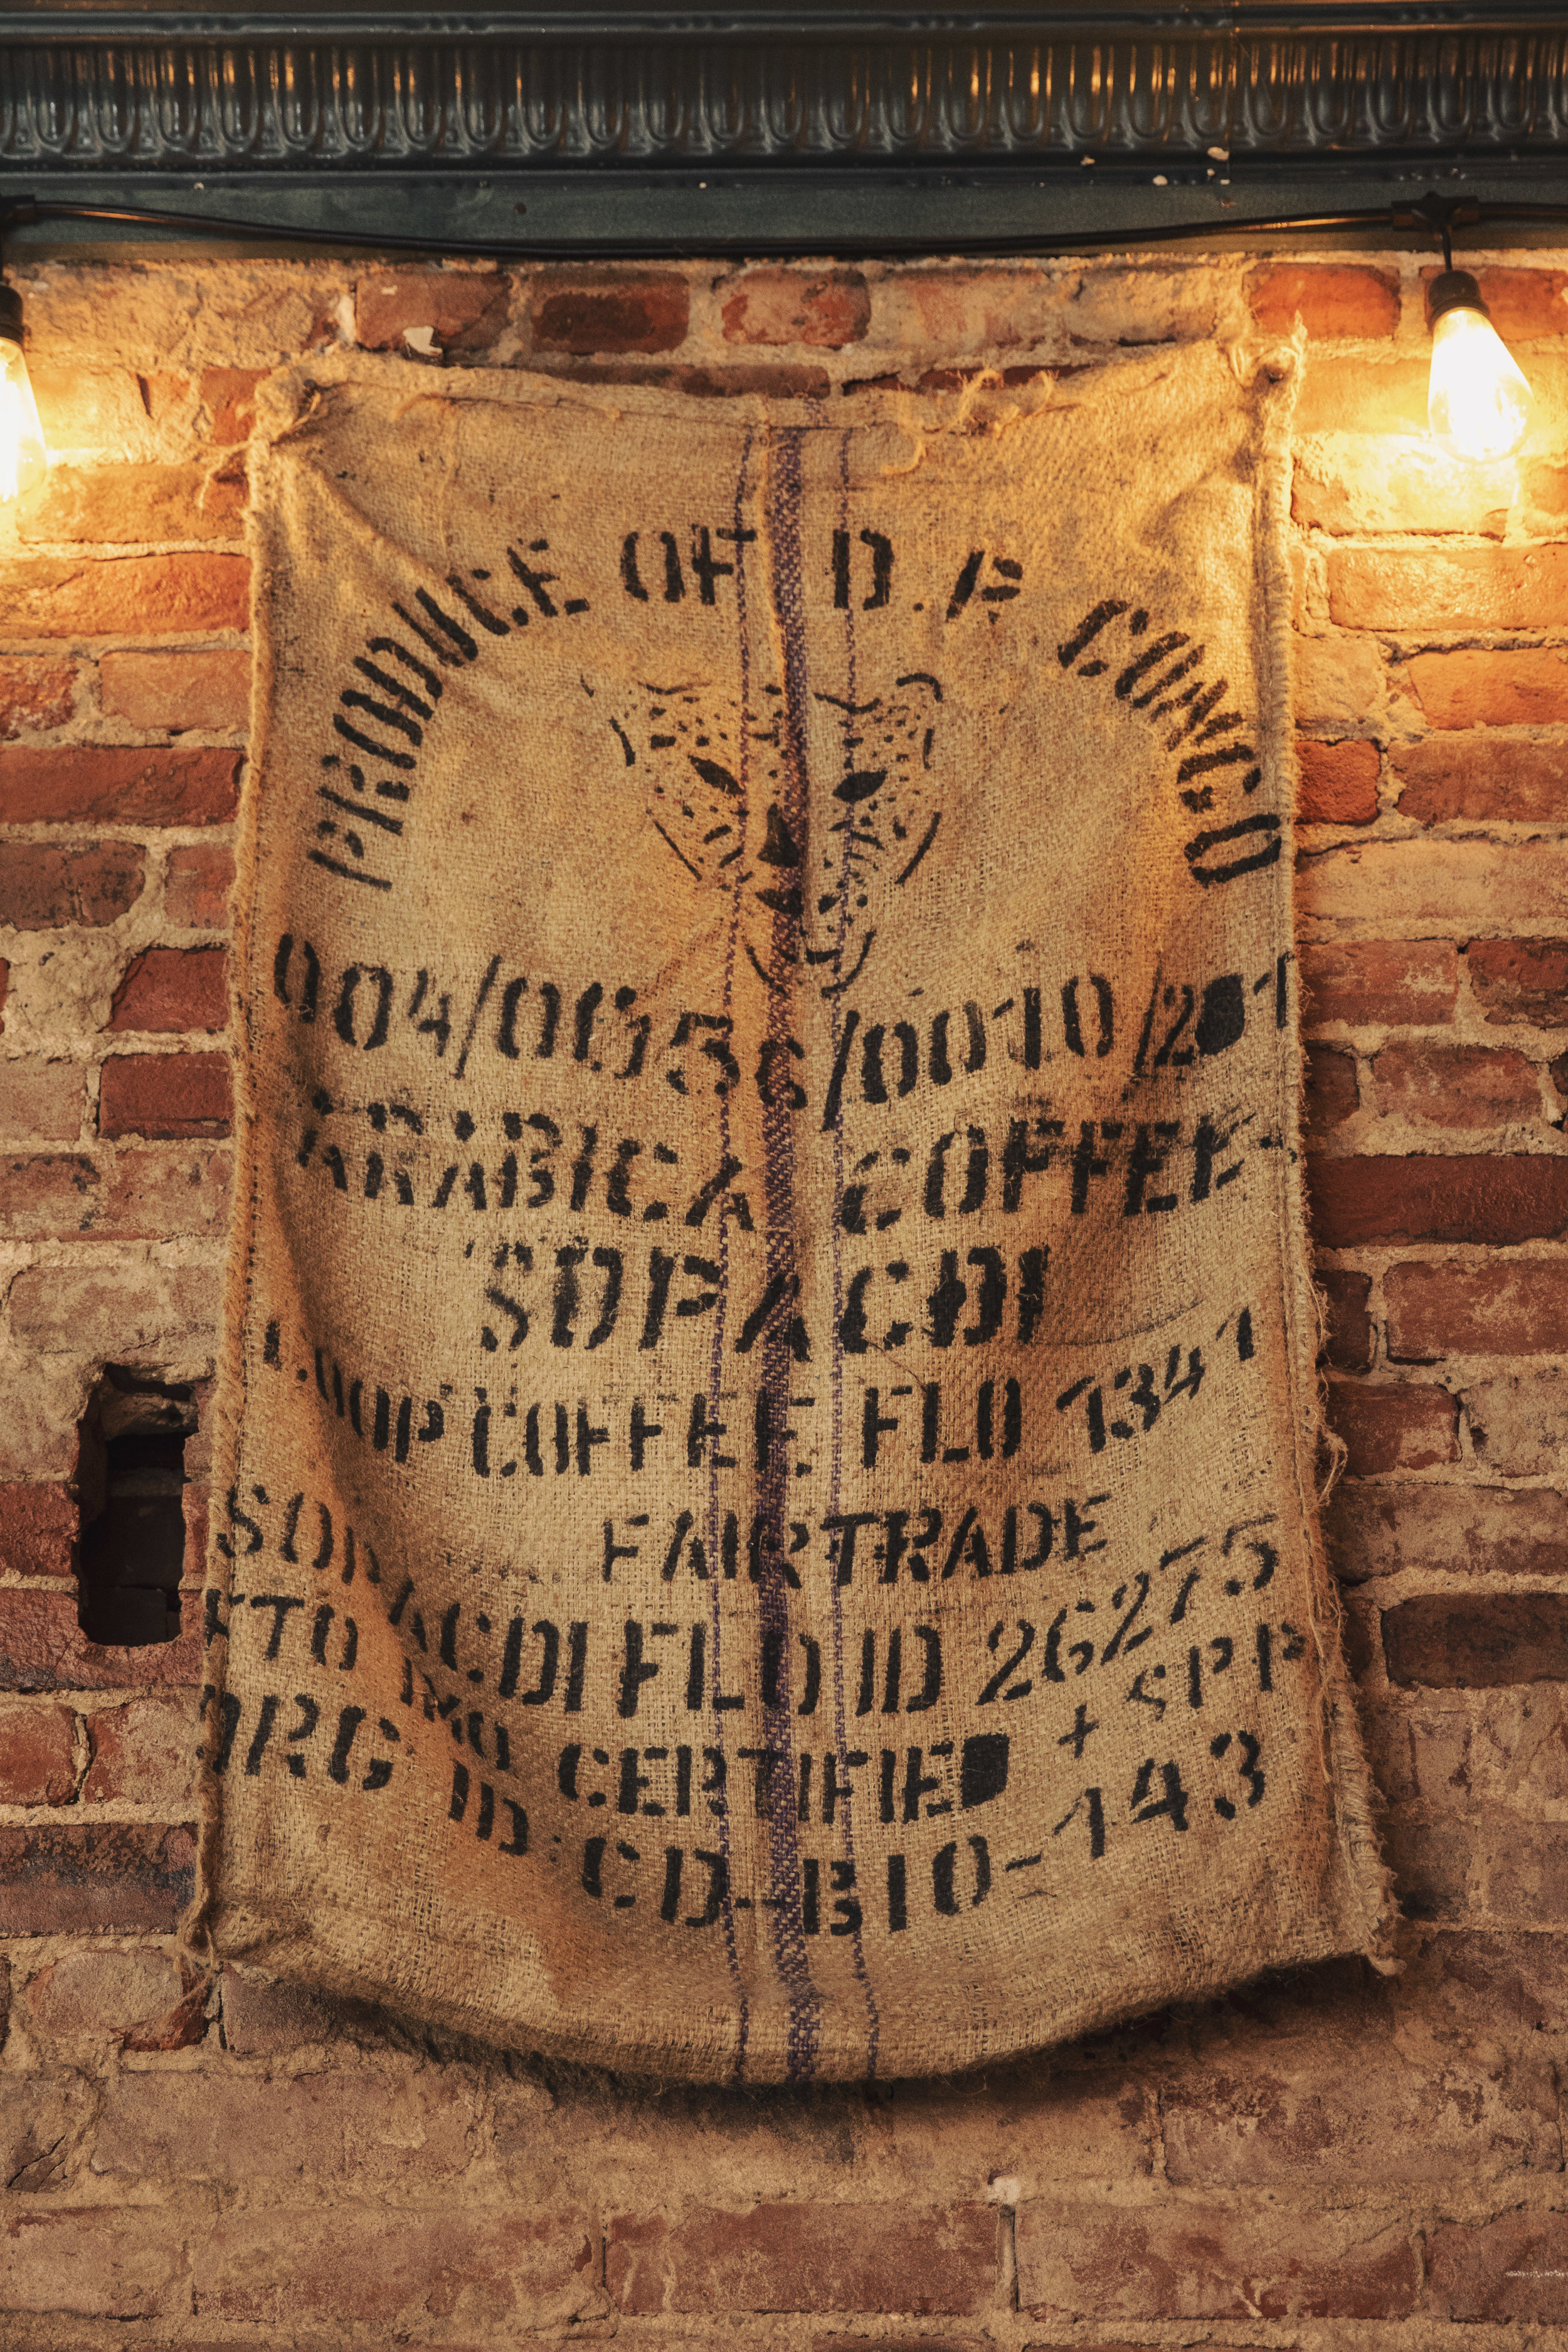 CoffeeBagonWall1.jpg